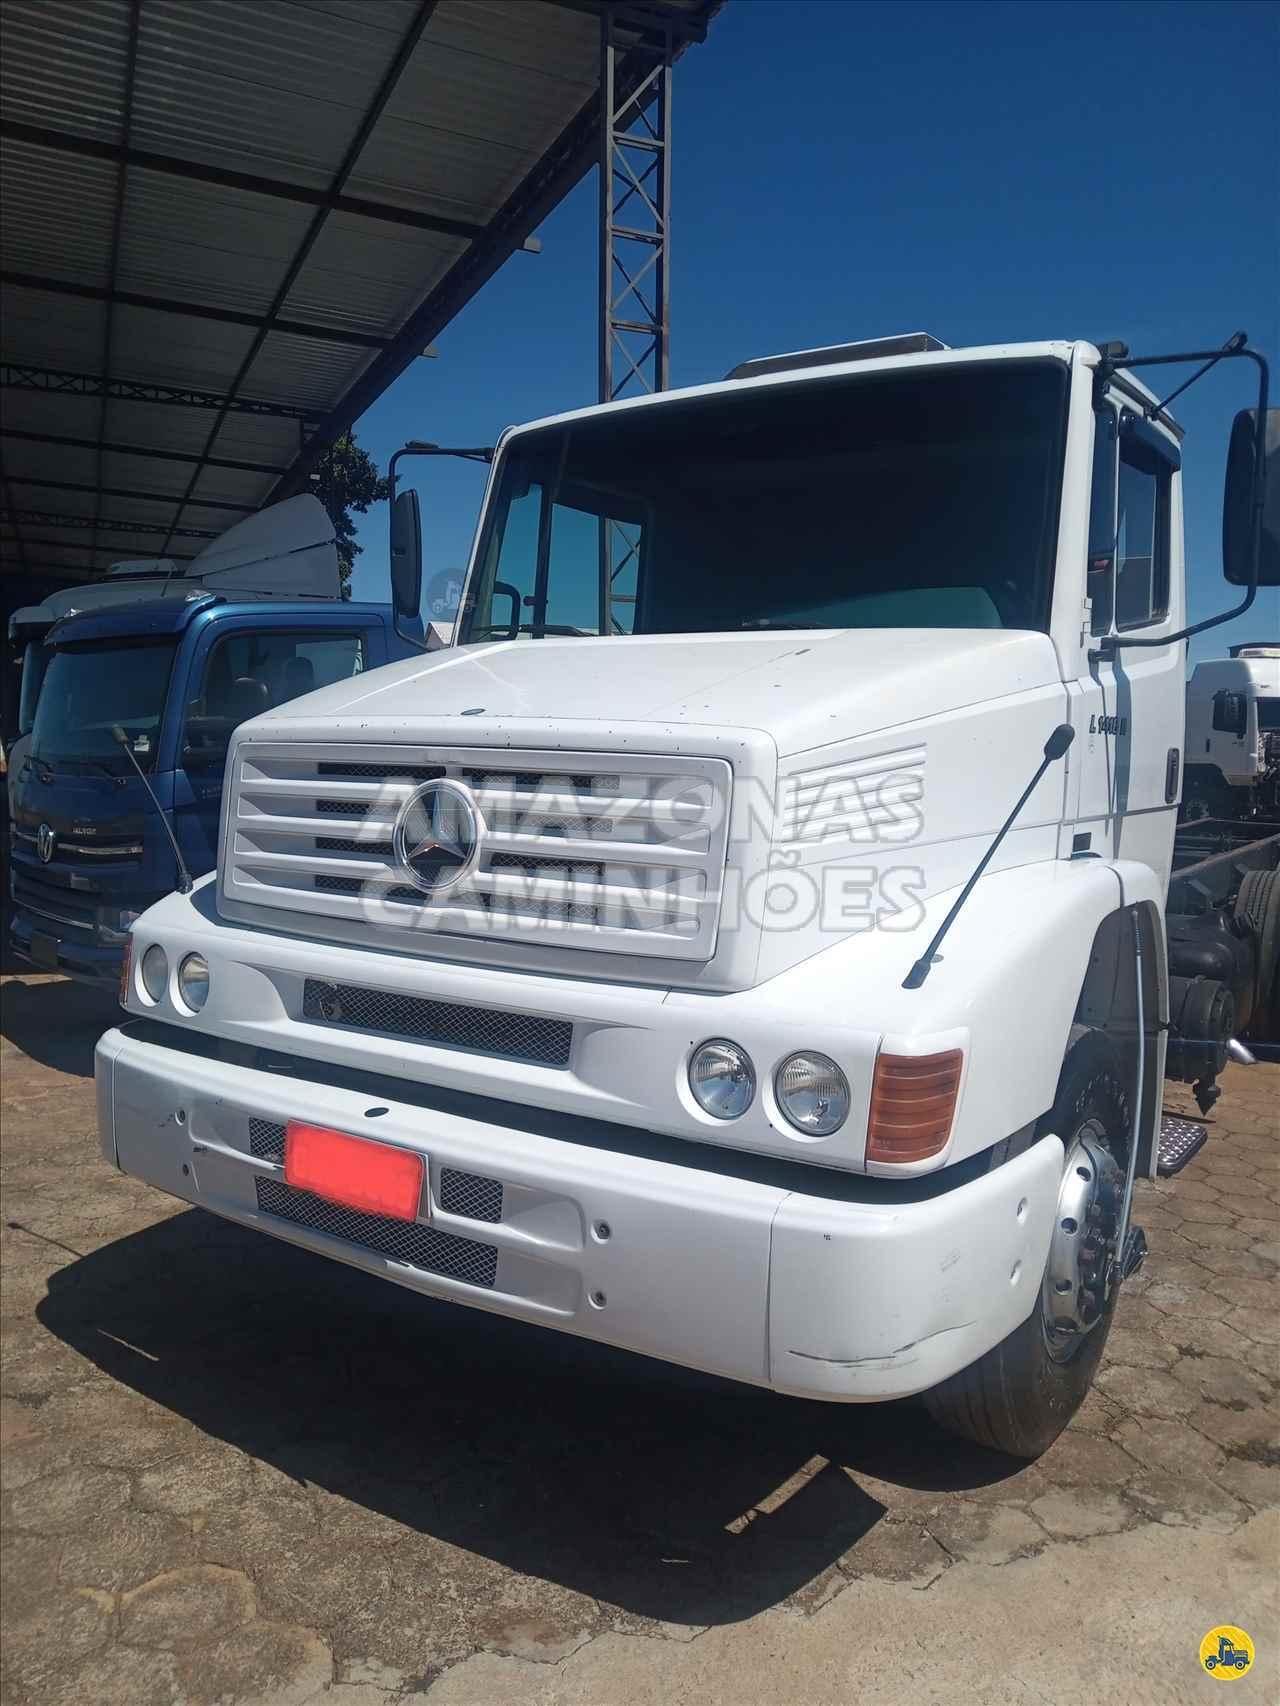 CAMINHAO MERCEDES-BENZ MB 1418 Chassis Truck 6x2 Amazonas Caminhões - SP MARILIA SÃO PAULO SP